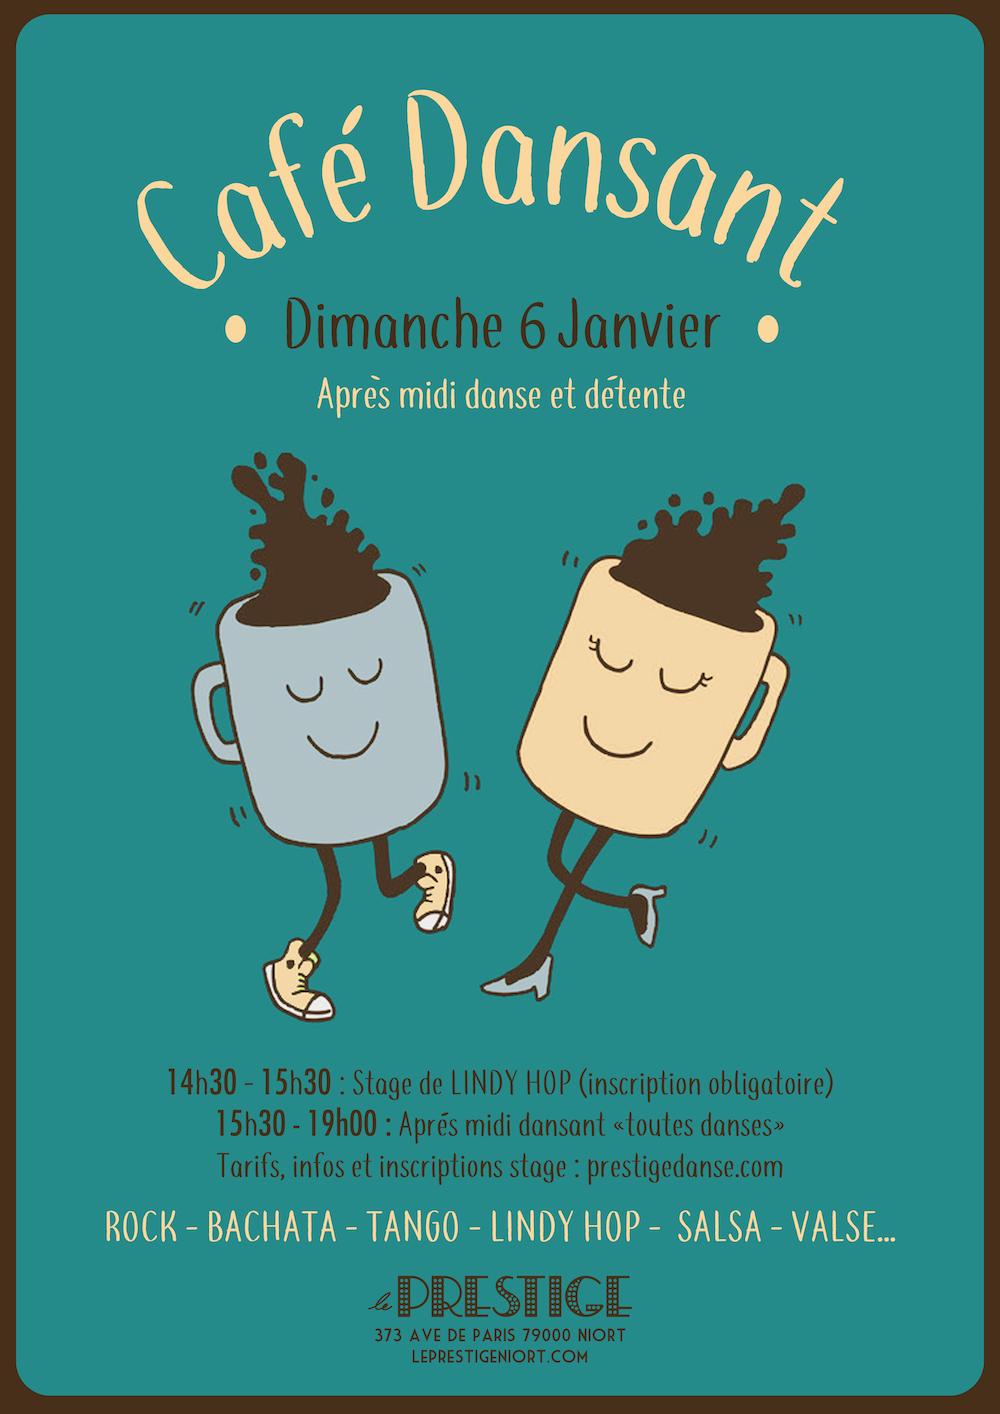 café dansant 19.png